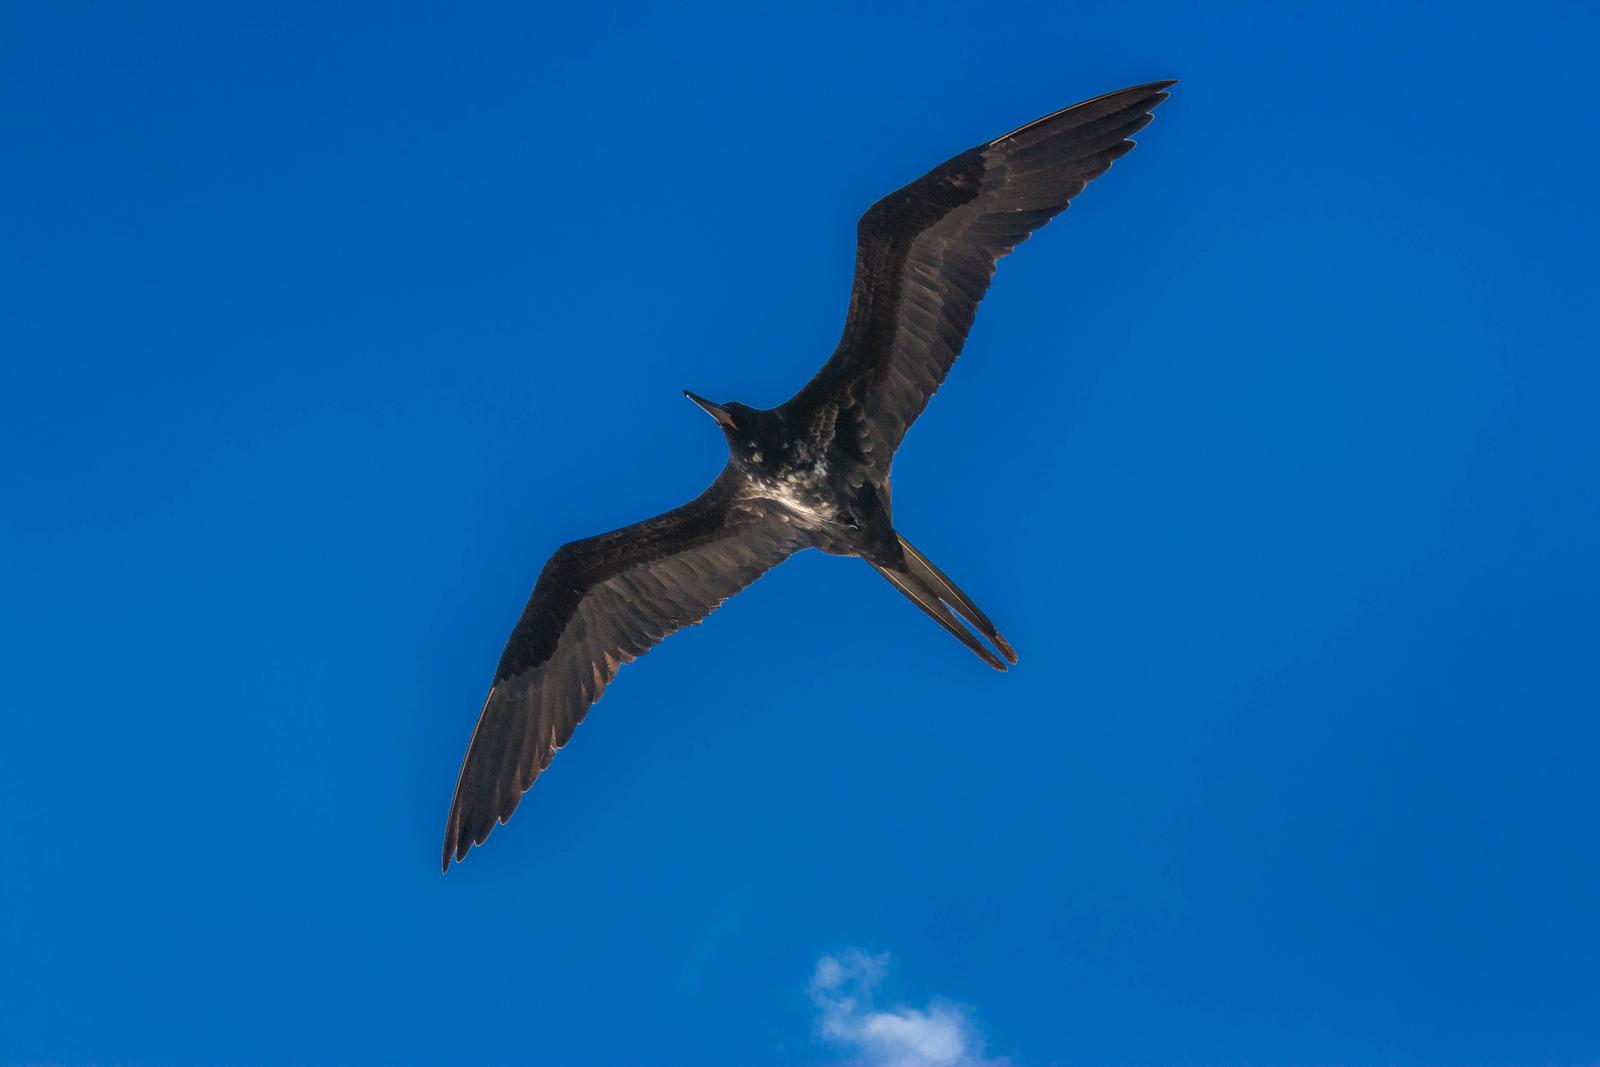 The Galapagos Tern